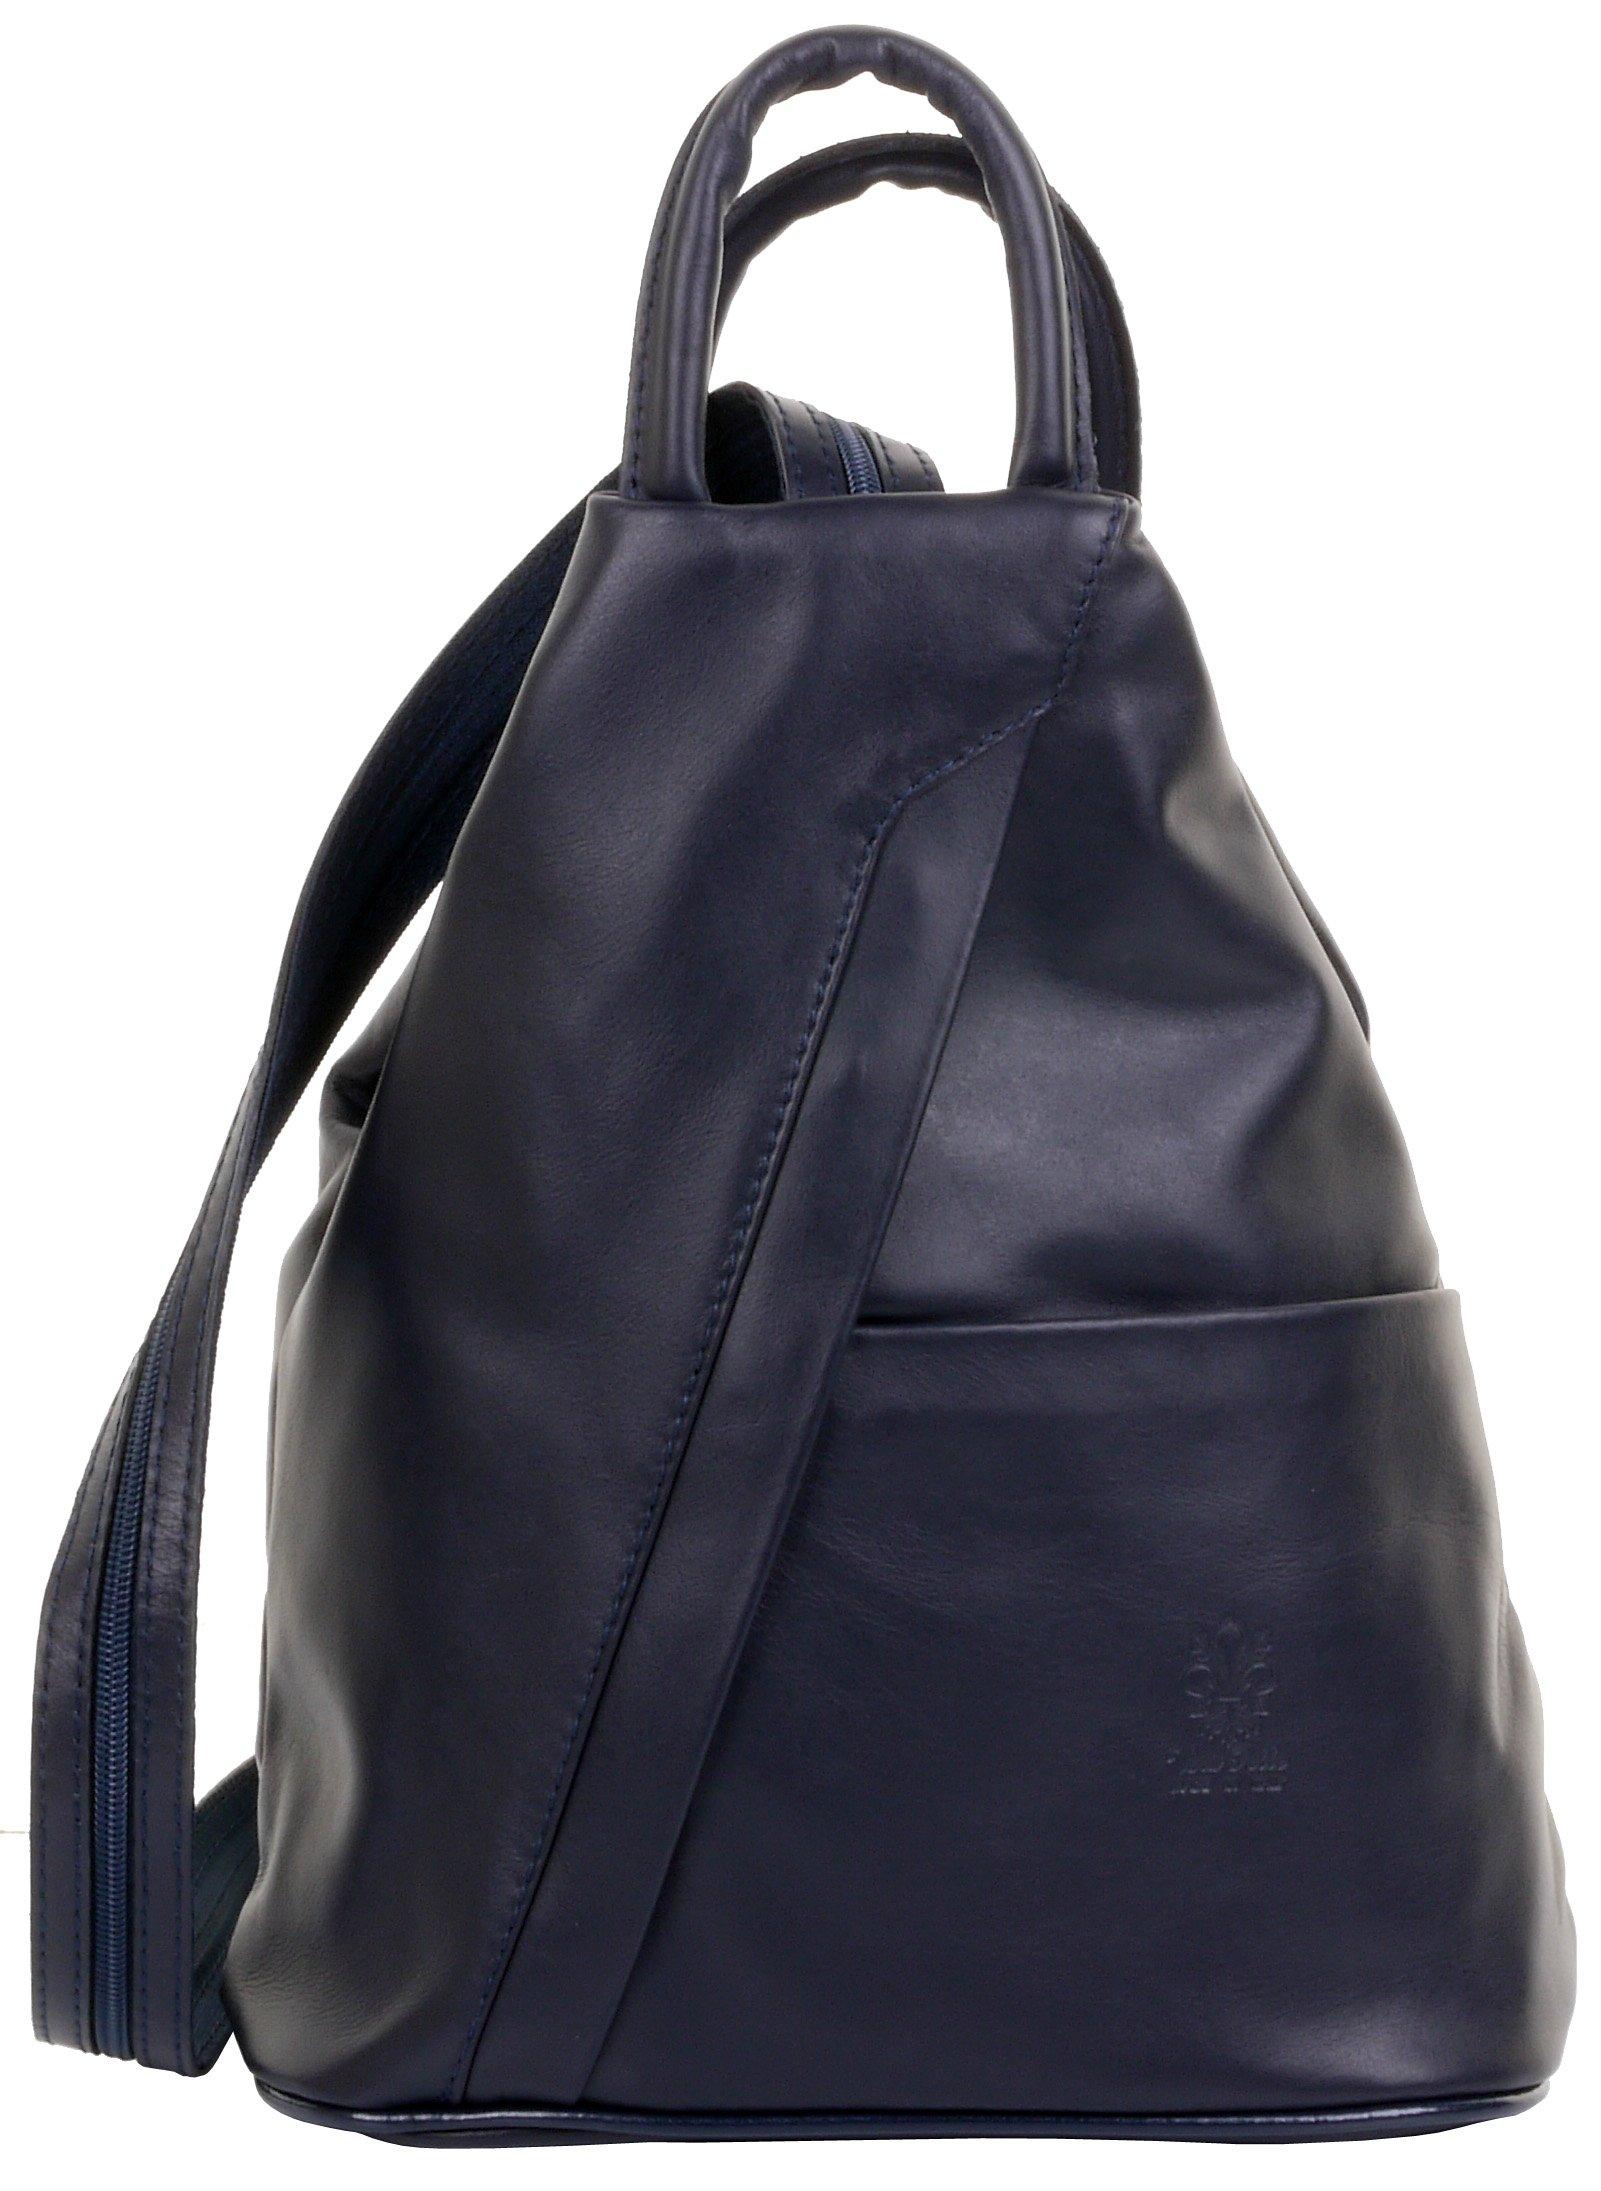 Primo Sacchi Italian Soft Napa Leather Navy Blue Top Handle Shoulder Bag Rucksack Backpack